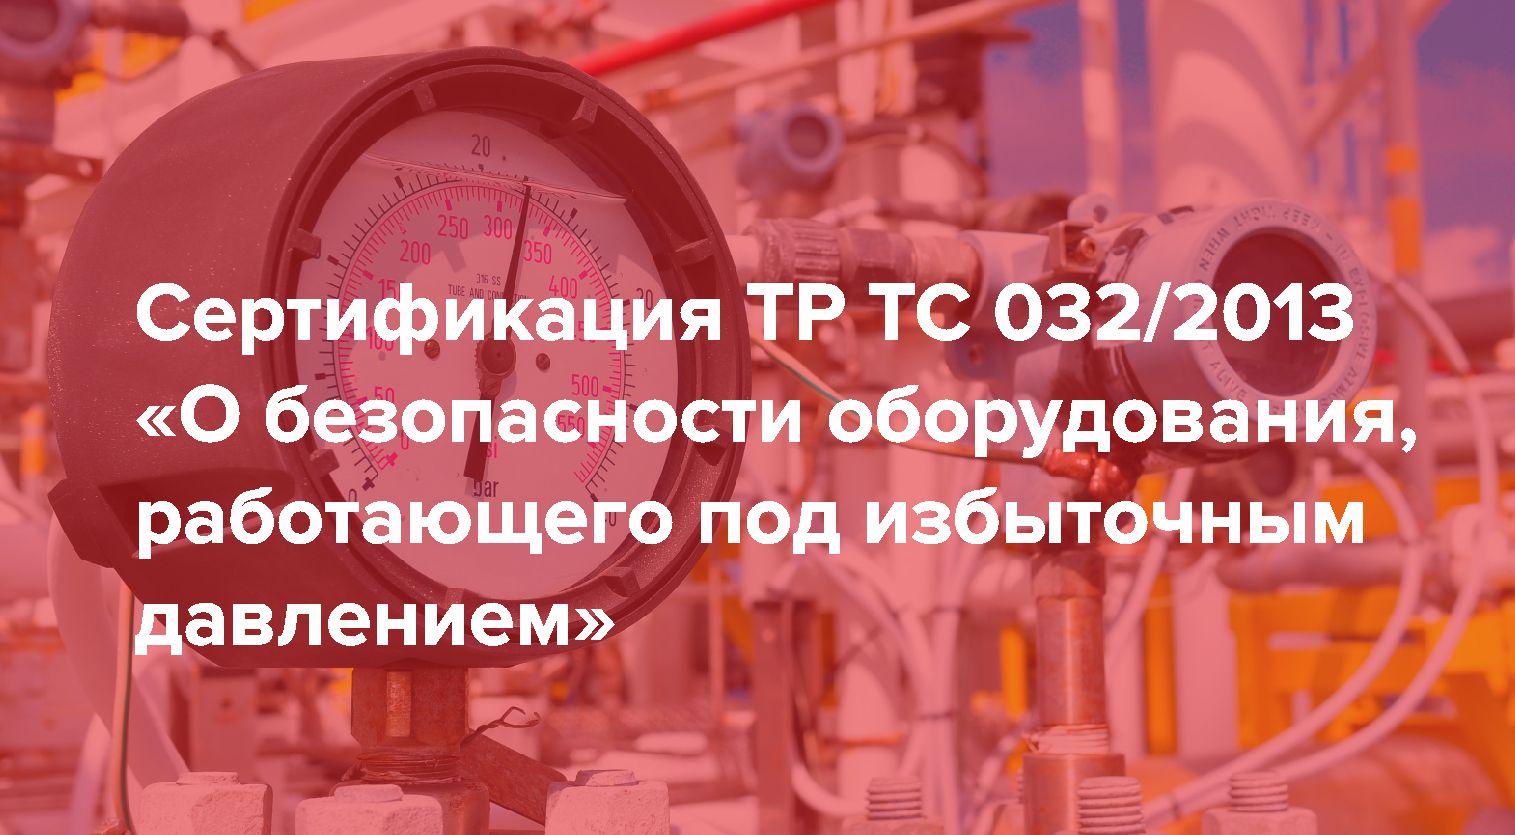 Сертификация оборудования, работающего под давлением